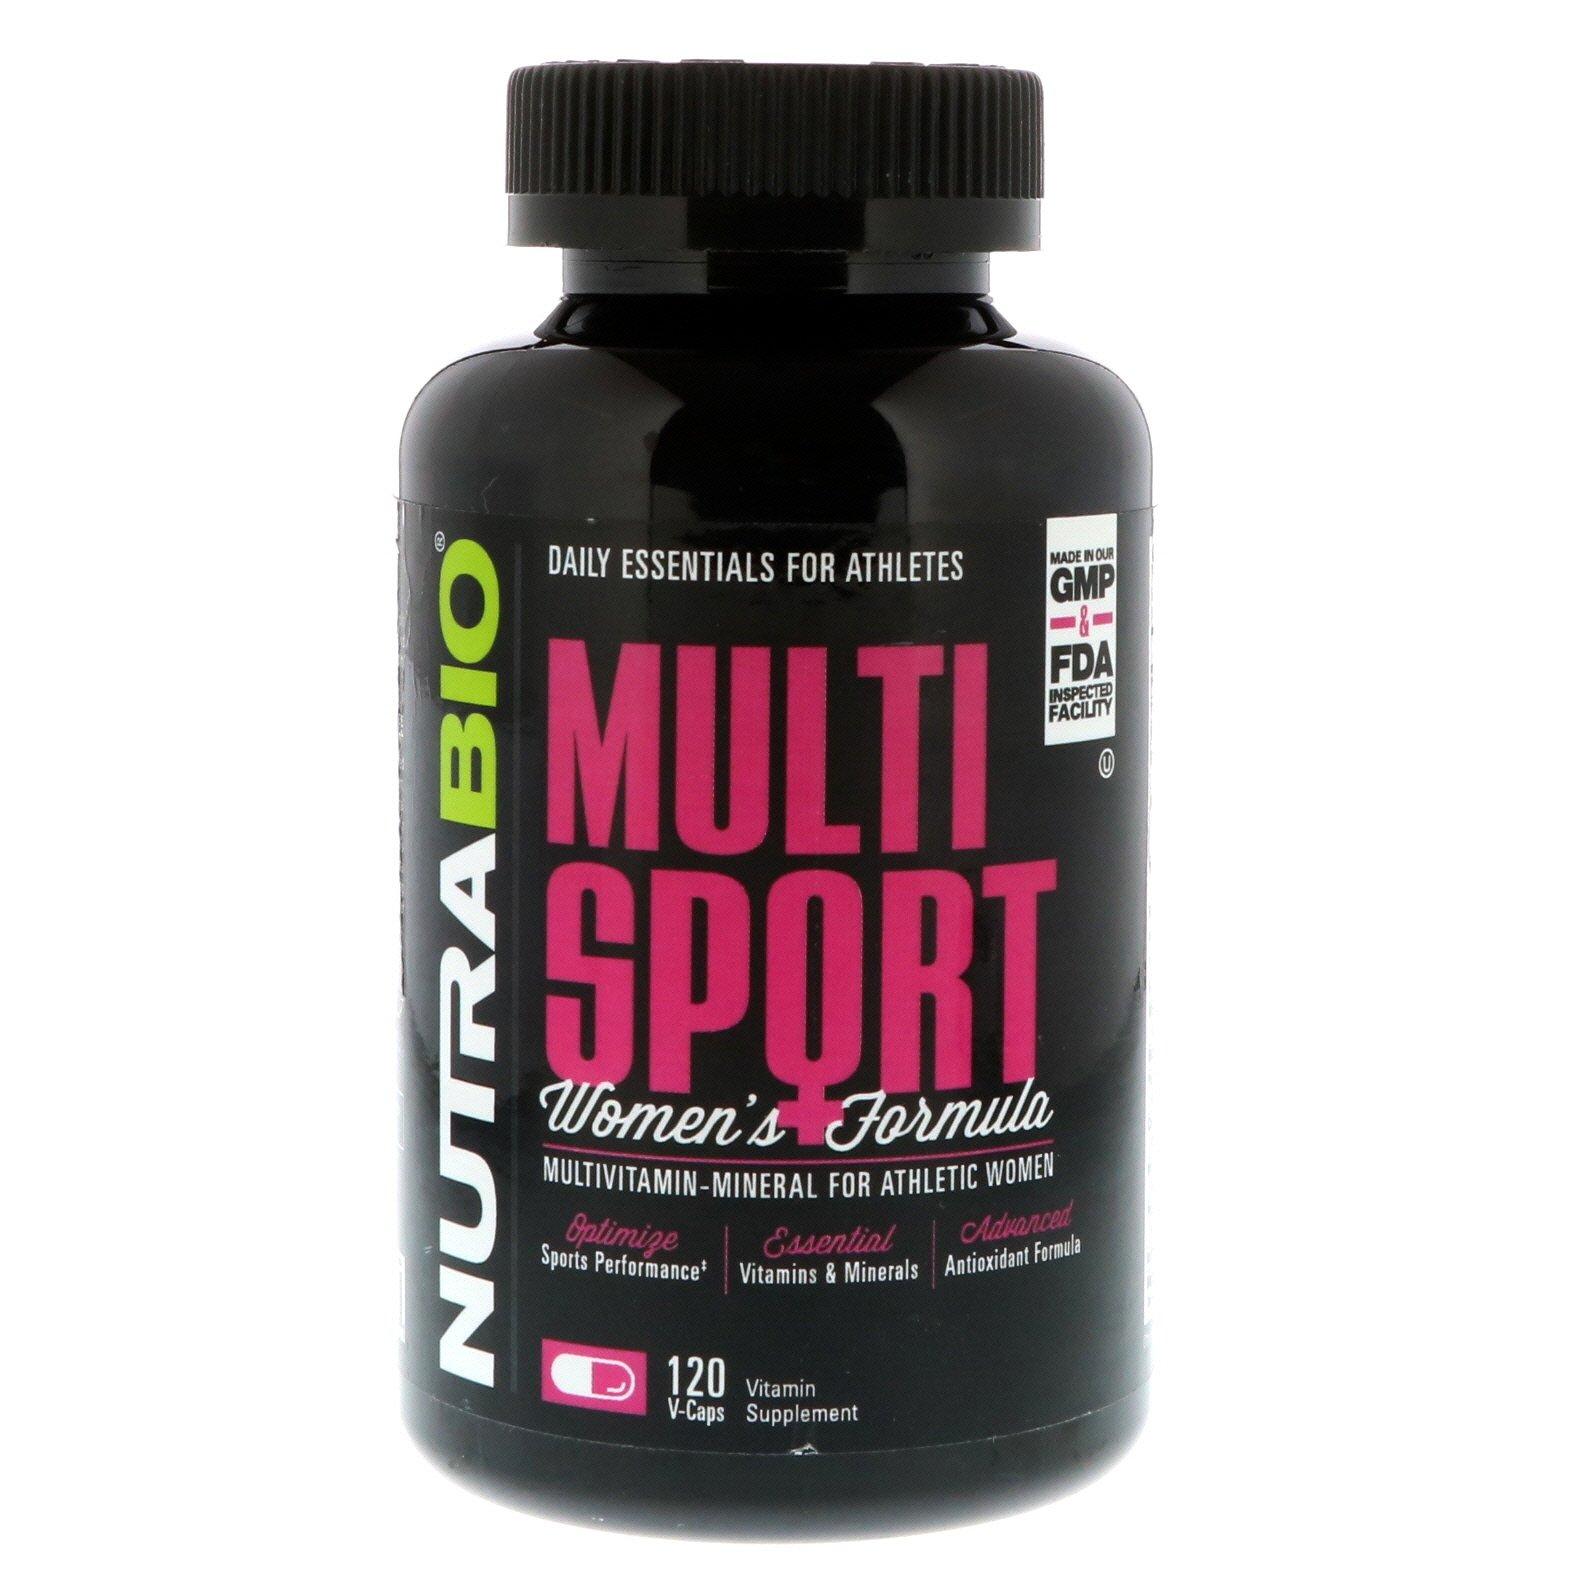 Спортивные витамины для женщин при физических нагрузках: список лучших